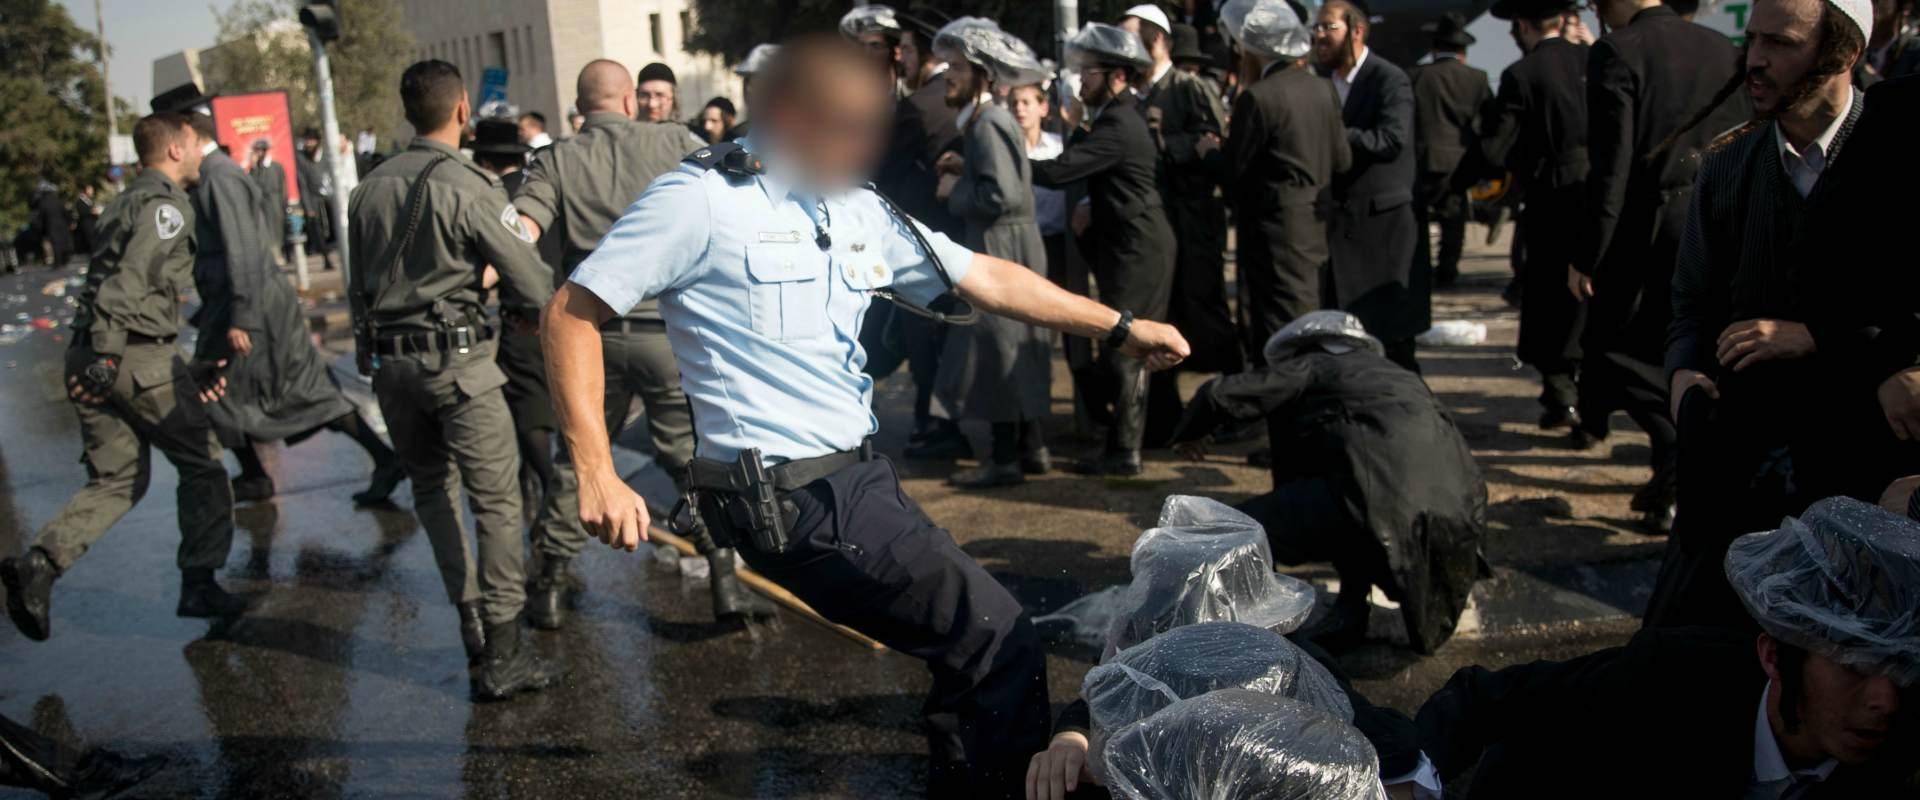 קצין משטרה תוקף חרדי בירושלים